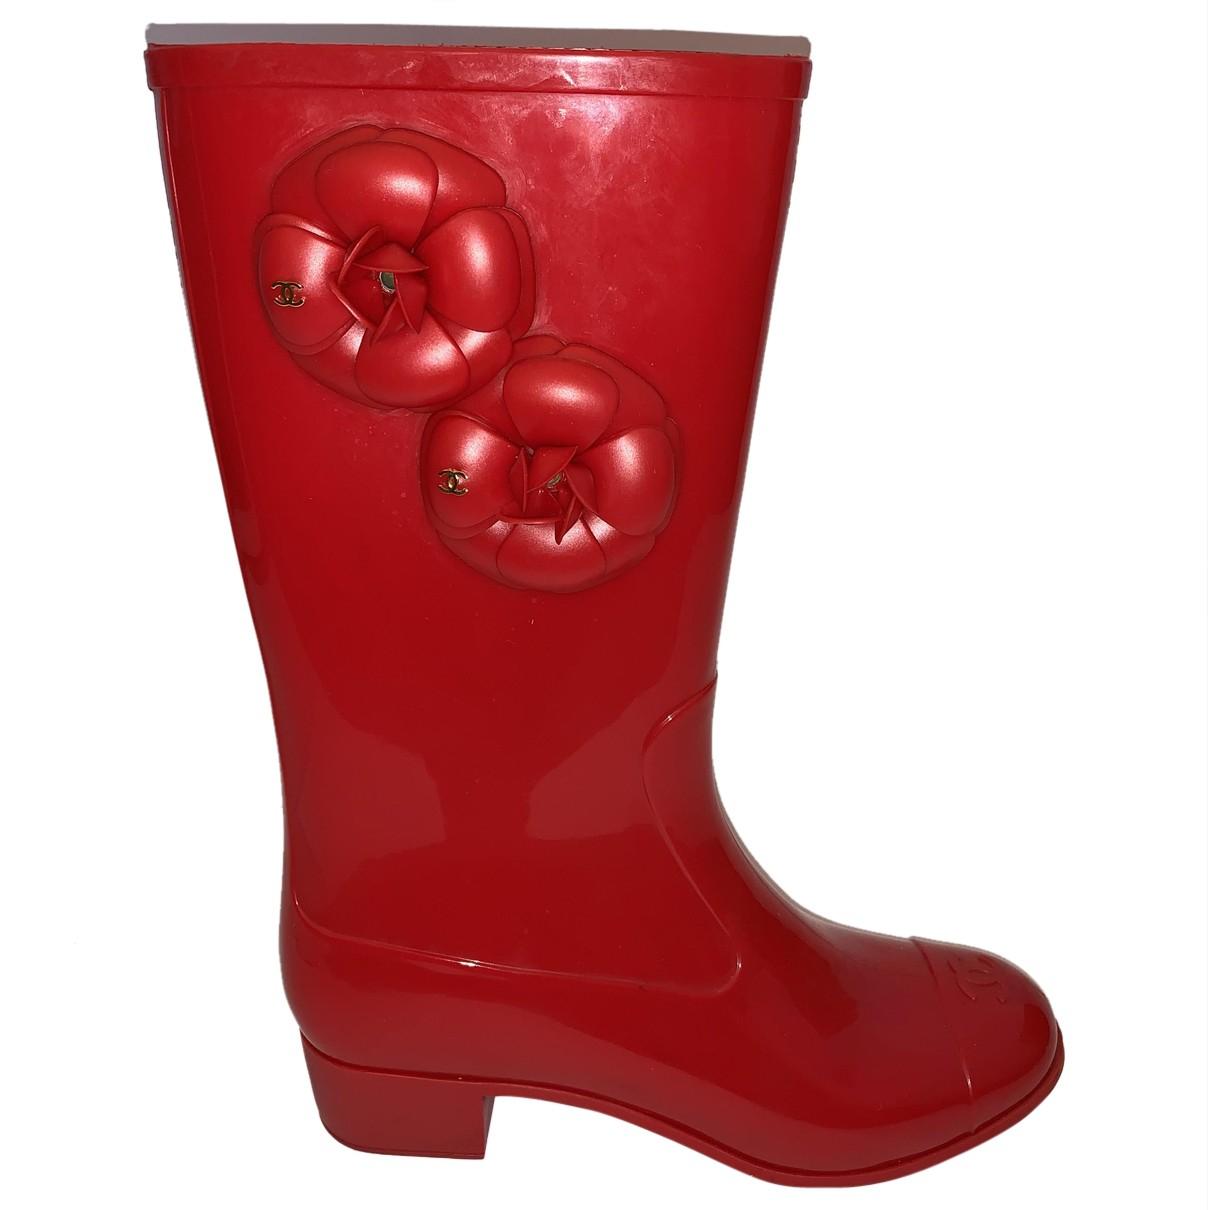 Chanel - Bottes   pour femme en caoutchouc - rouge